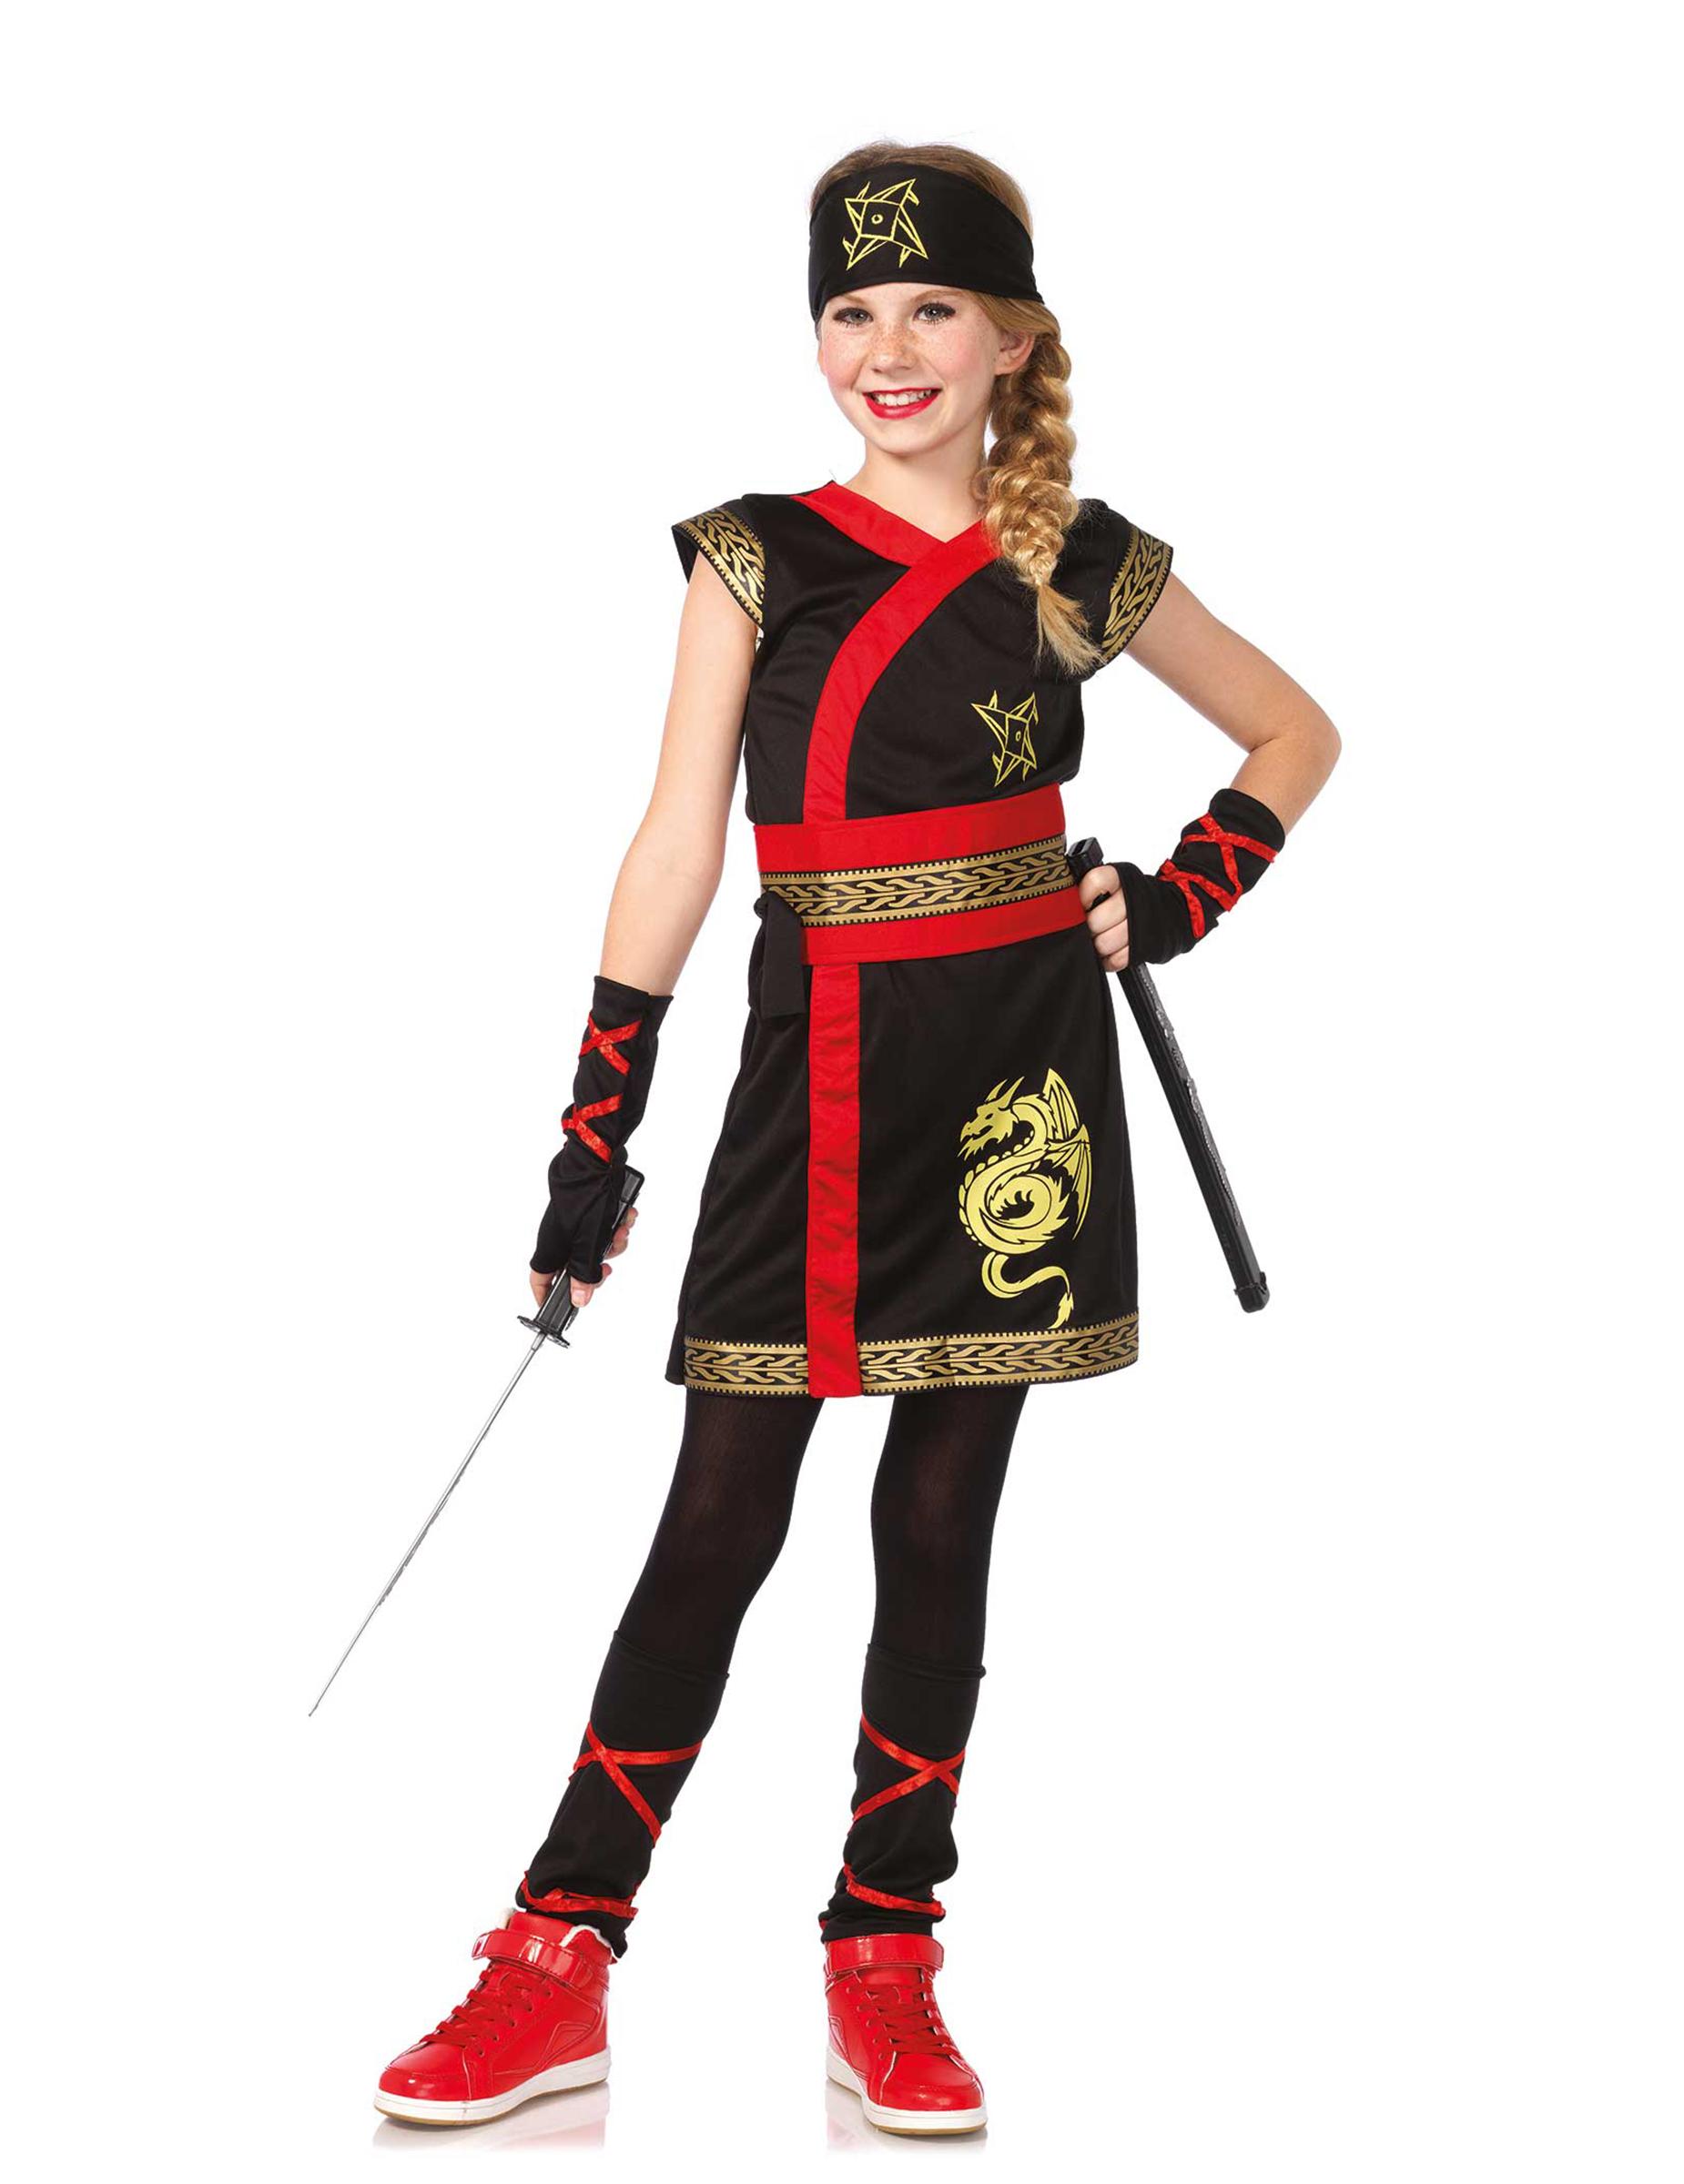 a0c1b64aa1f Guldfarvet drage-ninja kostume, køb Kostumer til børn på Vegaoo.dk